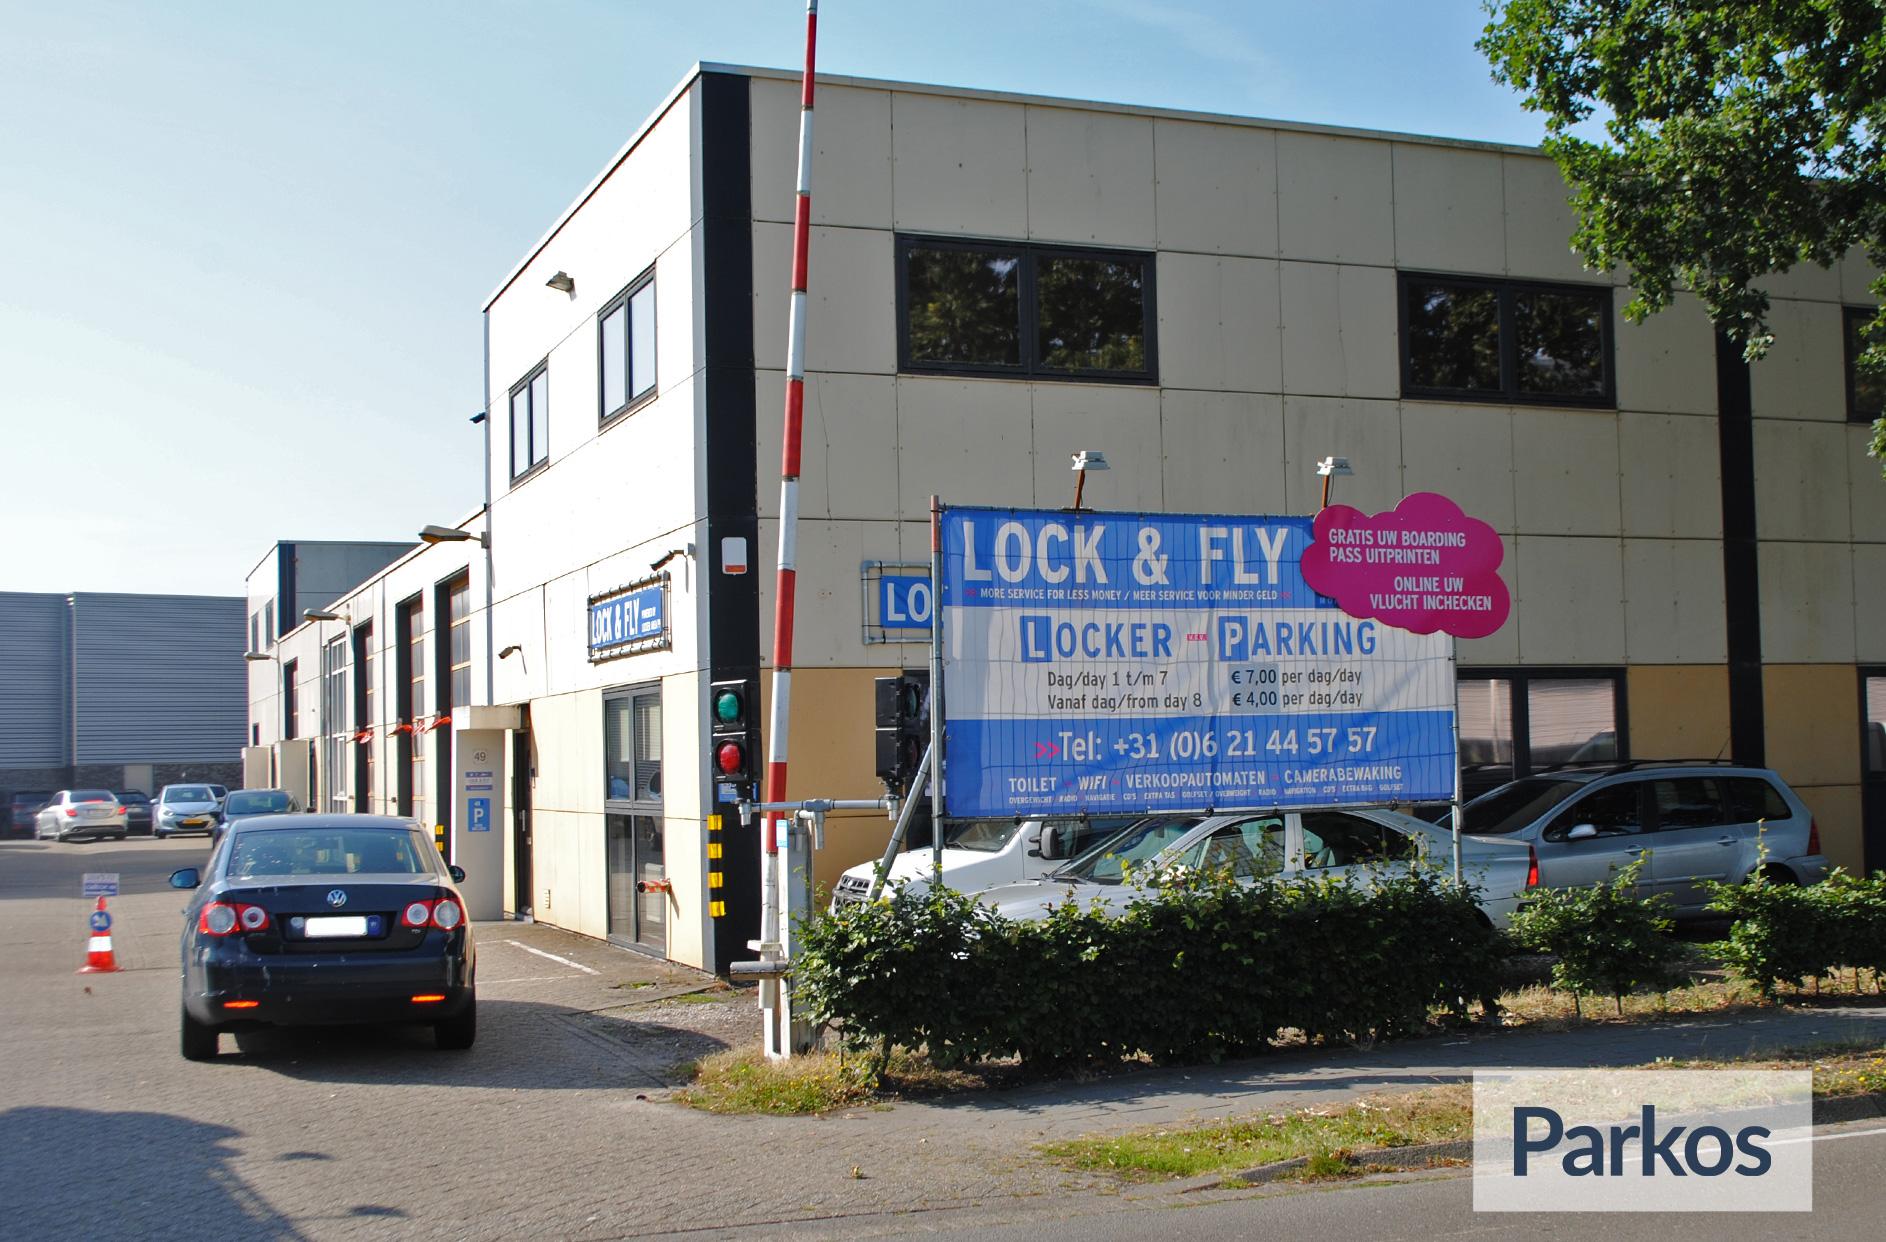 Lock & Fly